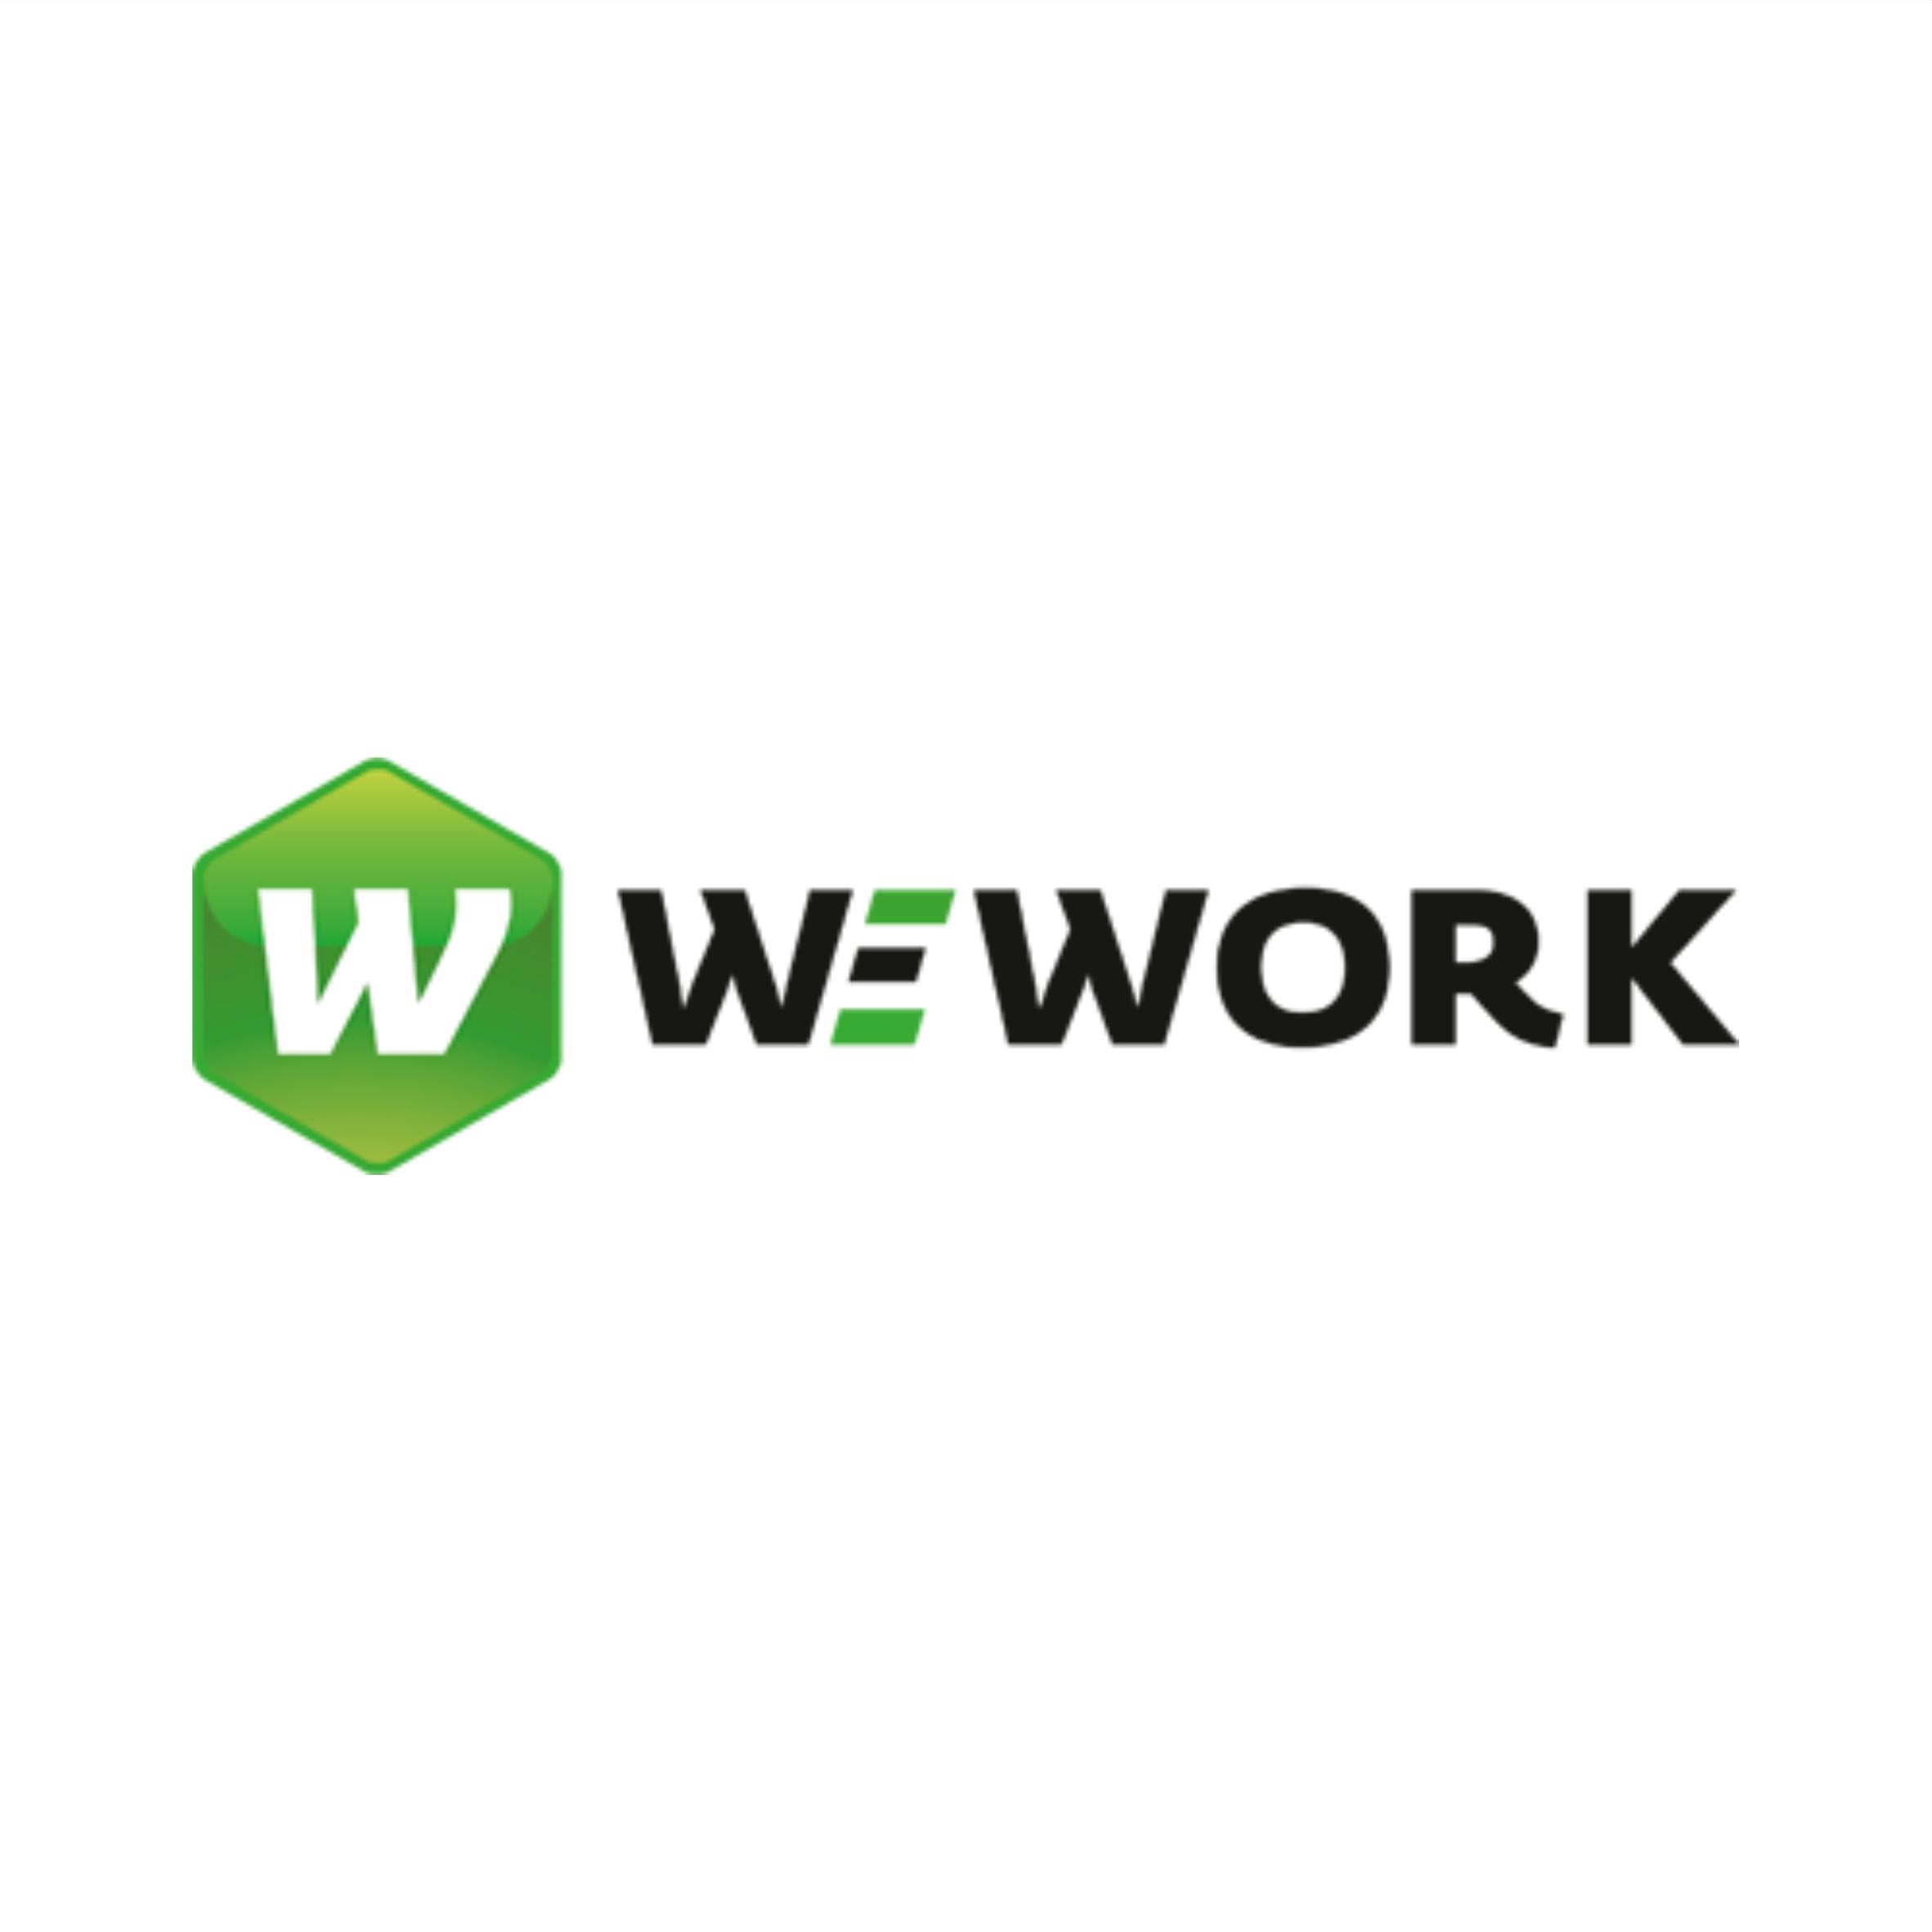 concepts-logo-wework-werkterrein-kwartiermaken